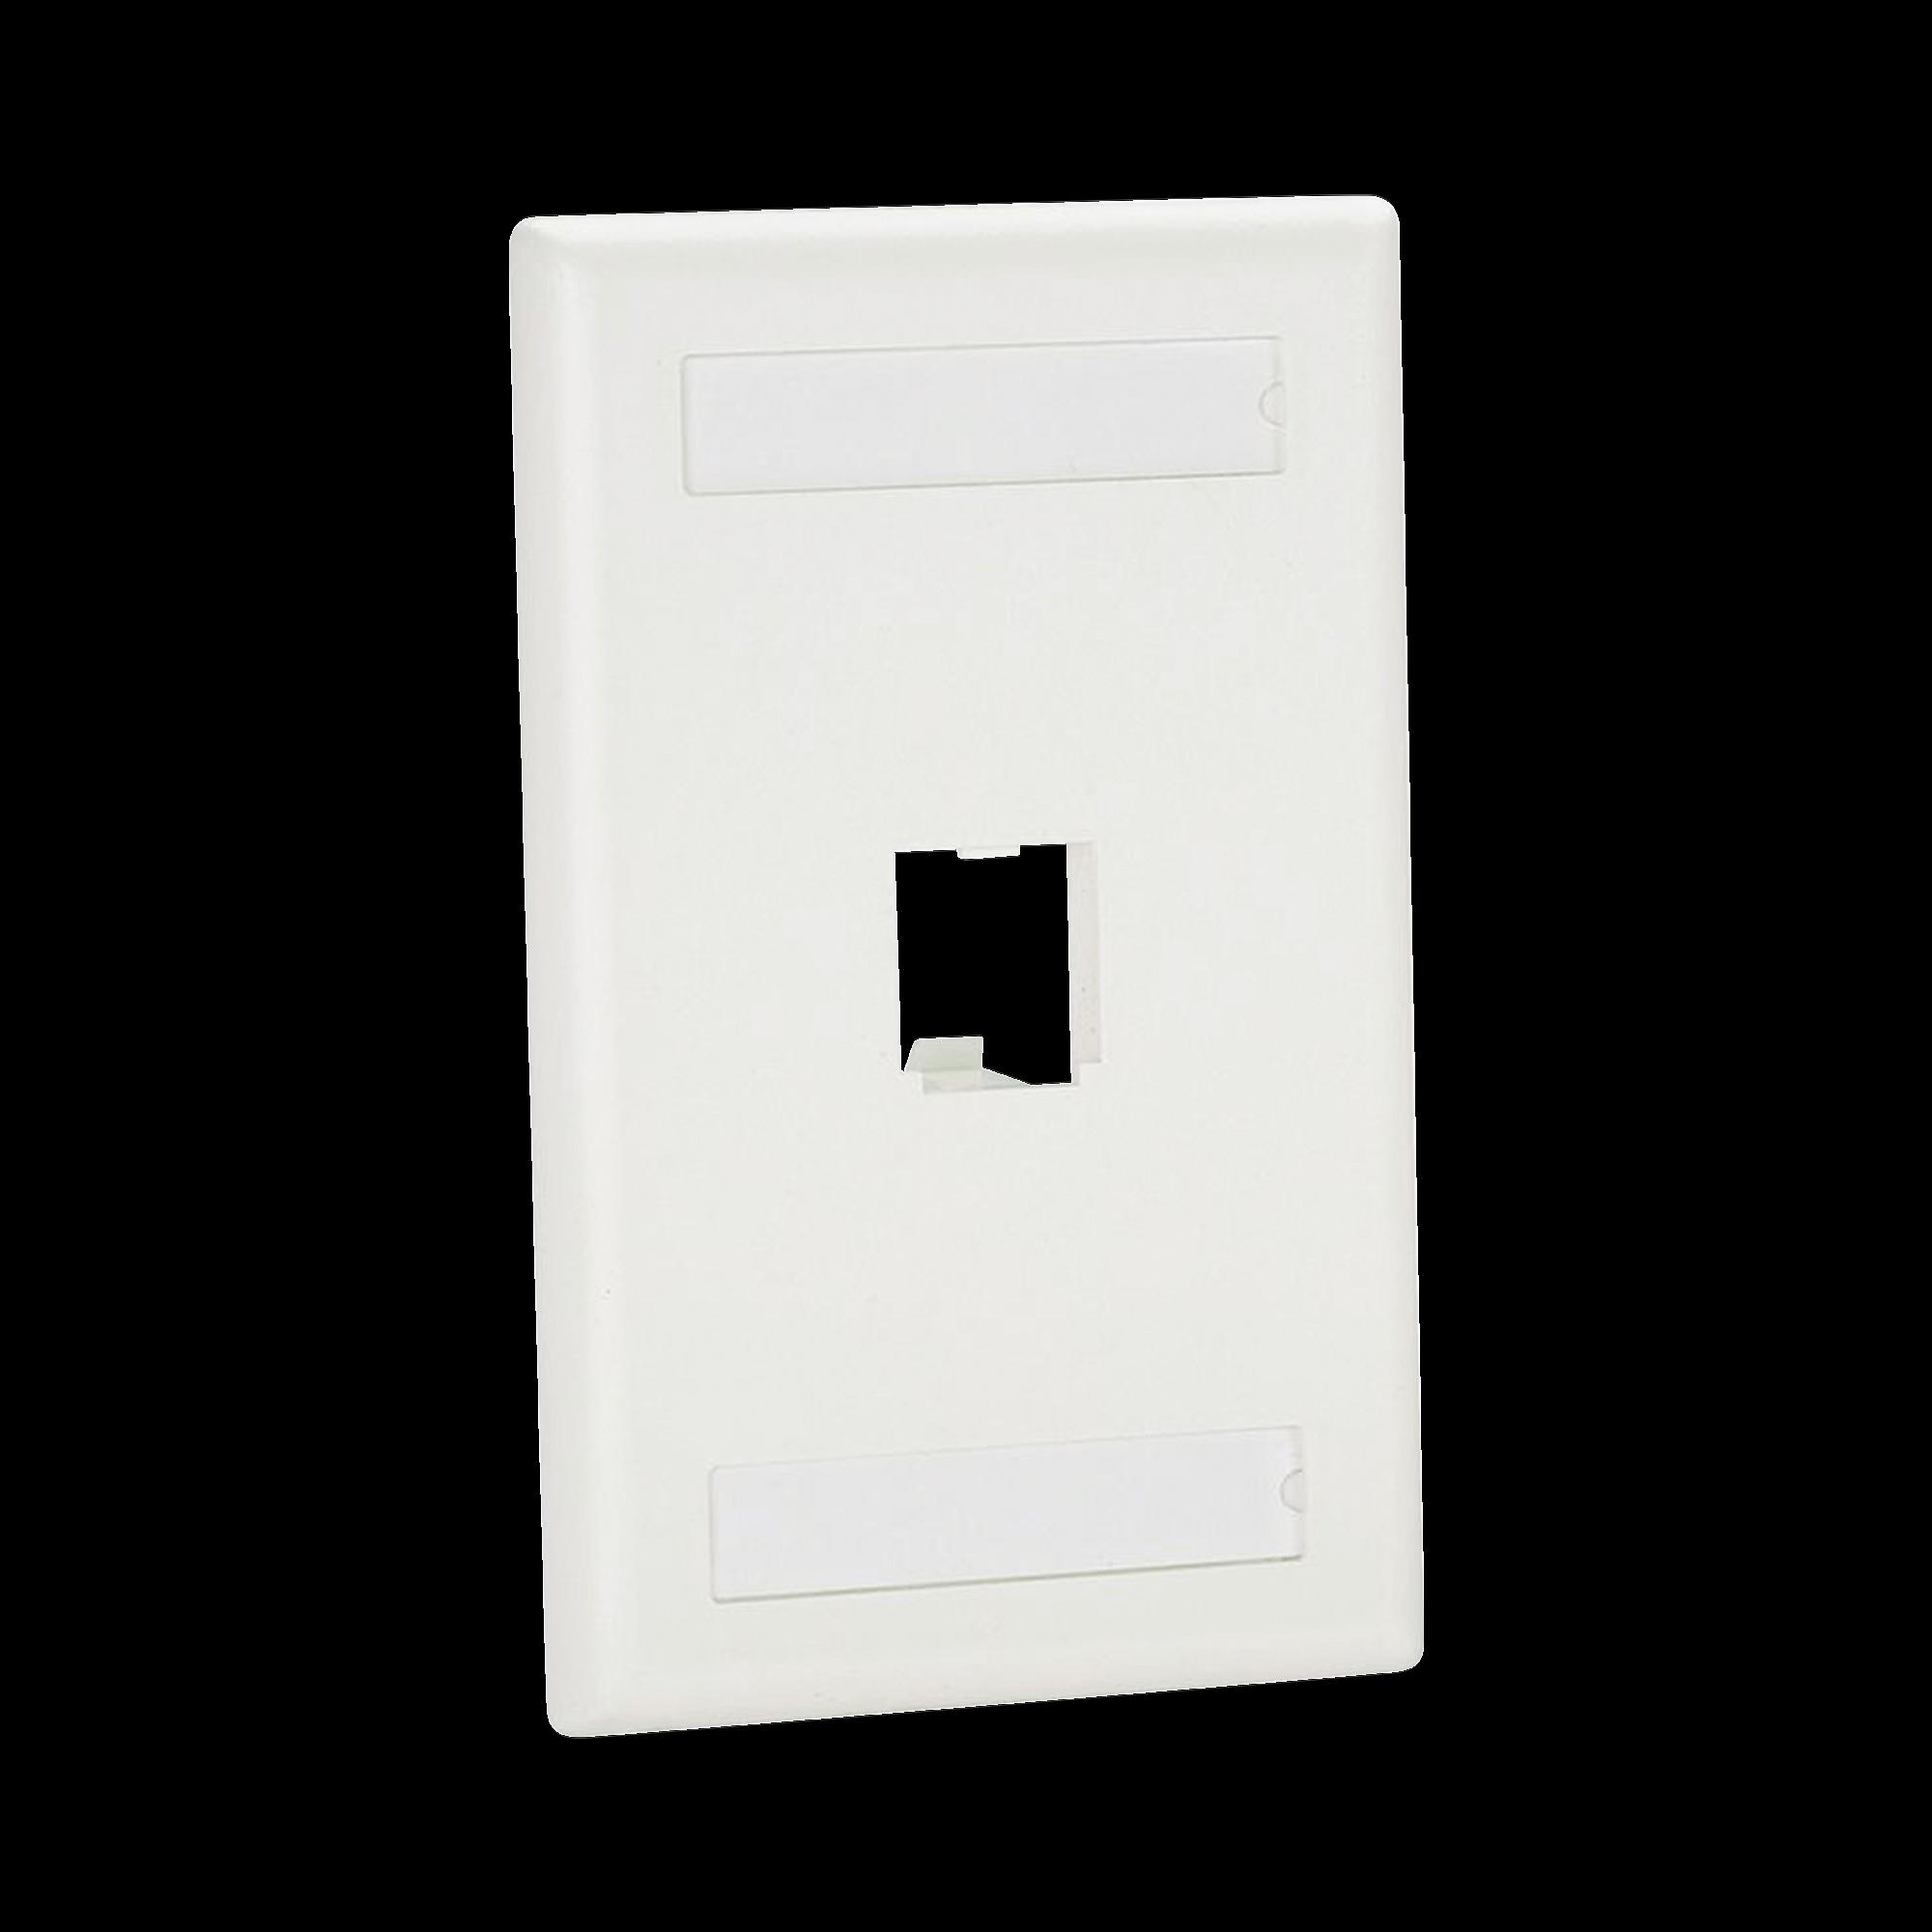 Placa de Pared Vertical Clásica, Salida Para 1 Puerto Mini-Com, Con Espacios Para Etiquetas, Color Blanco